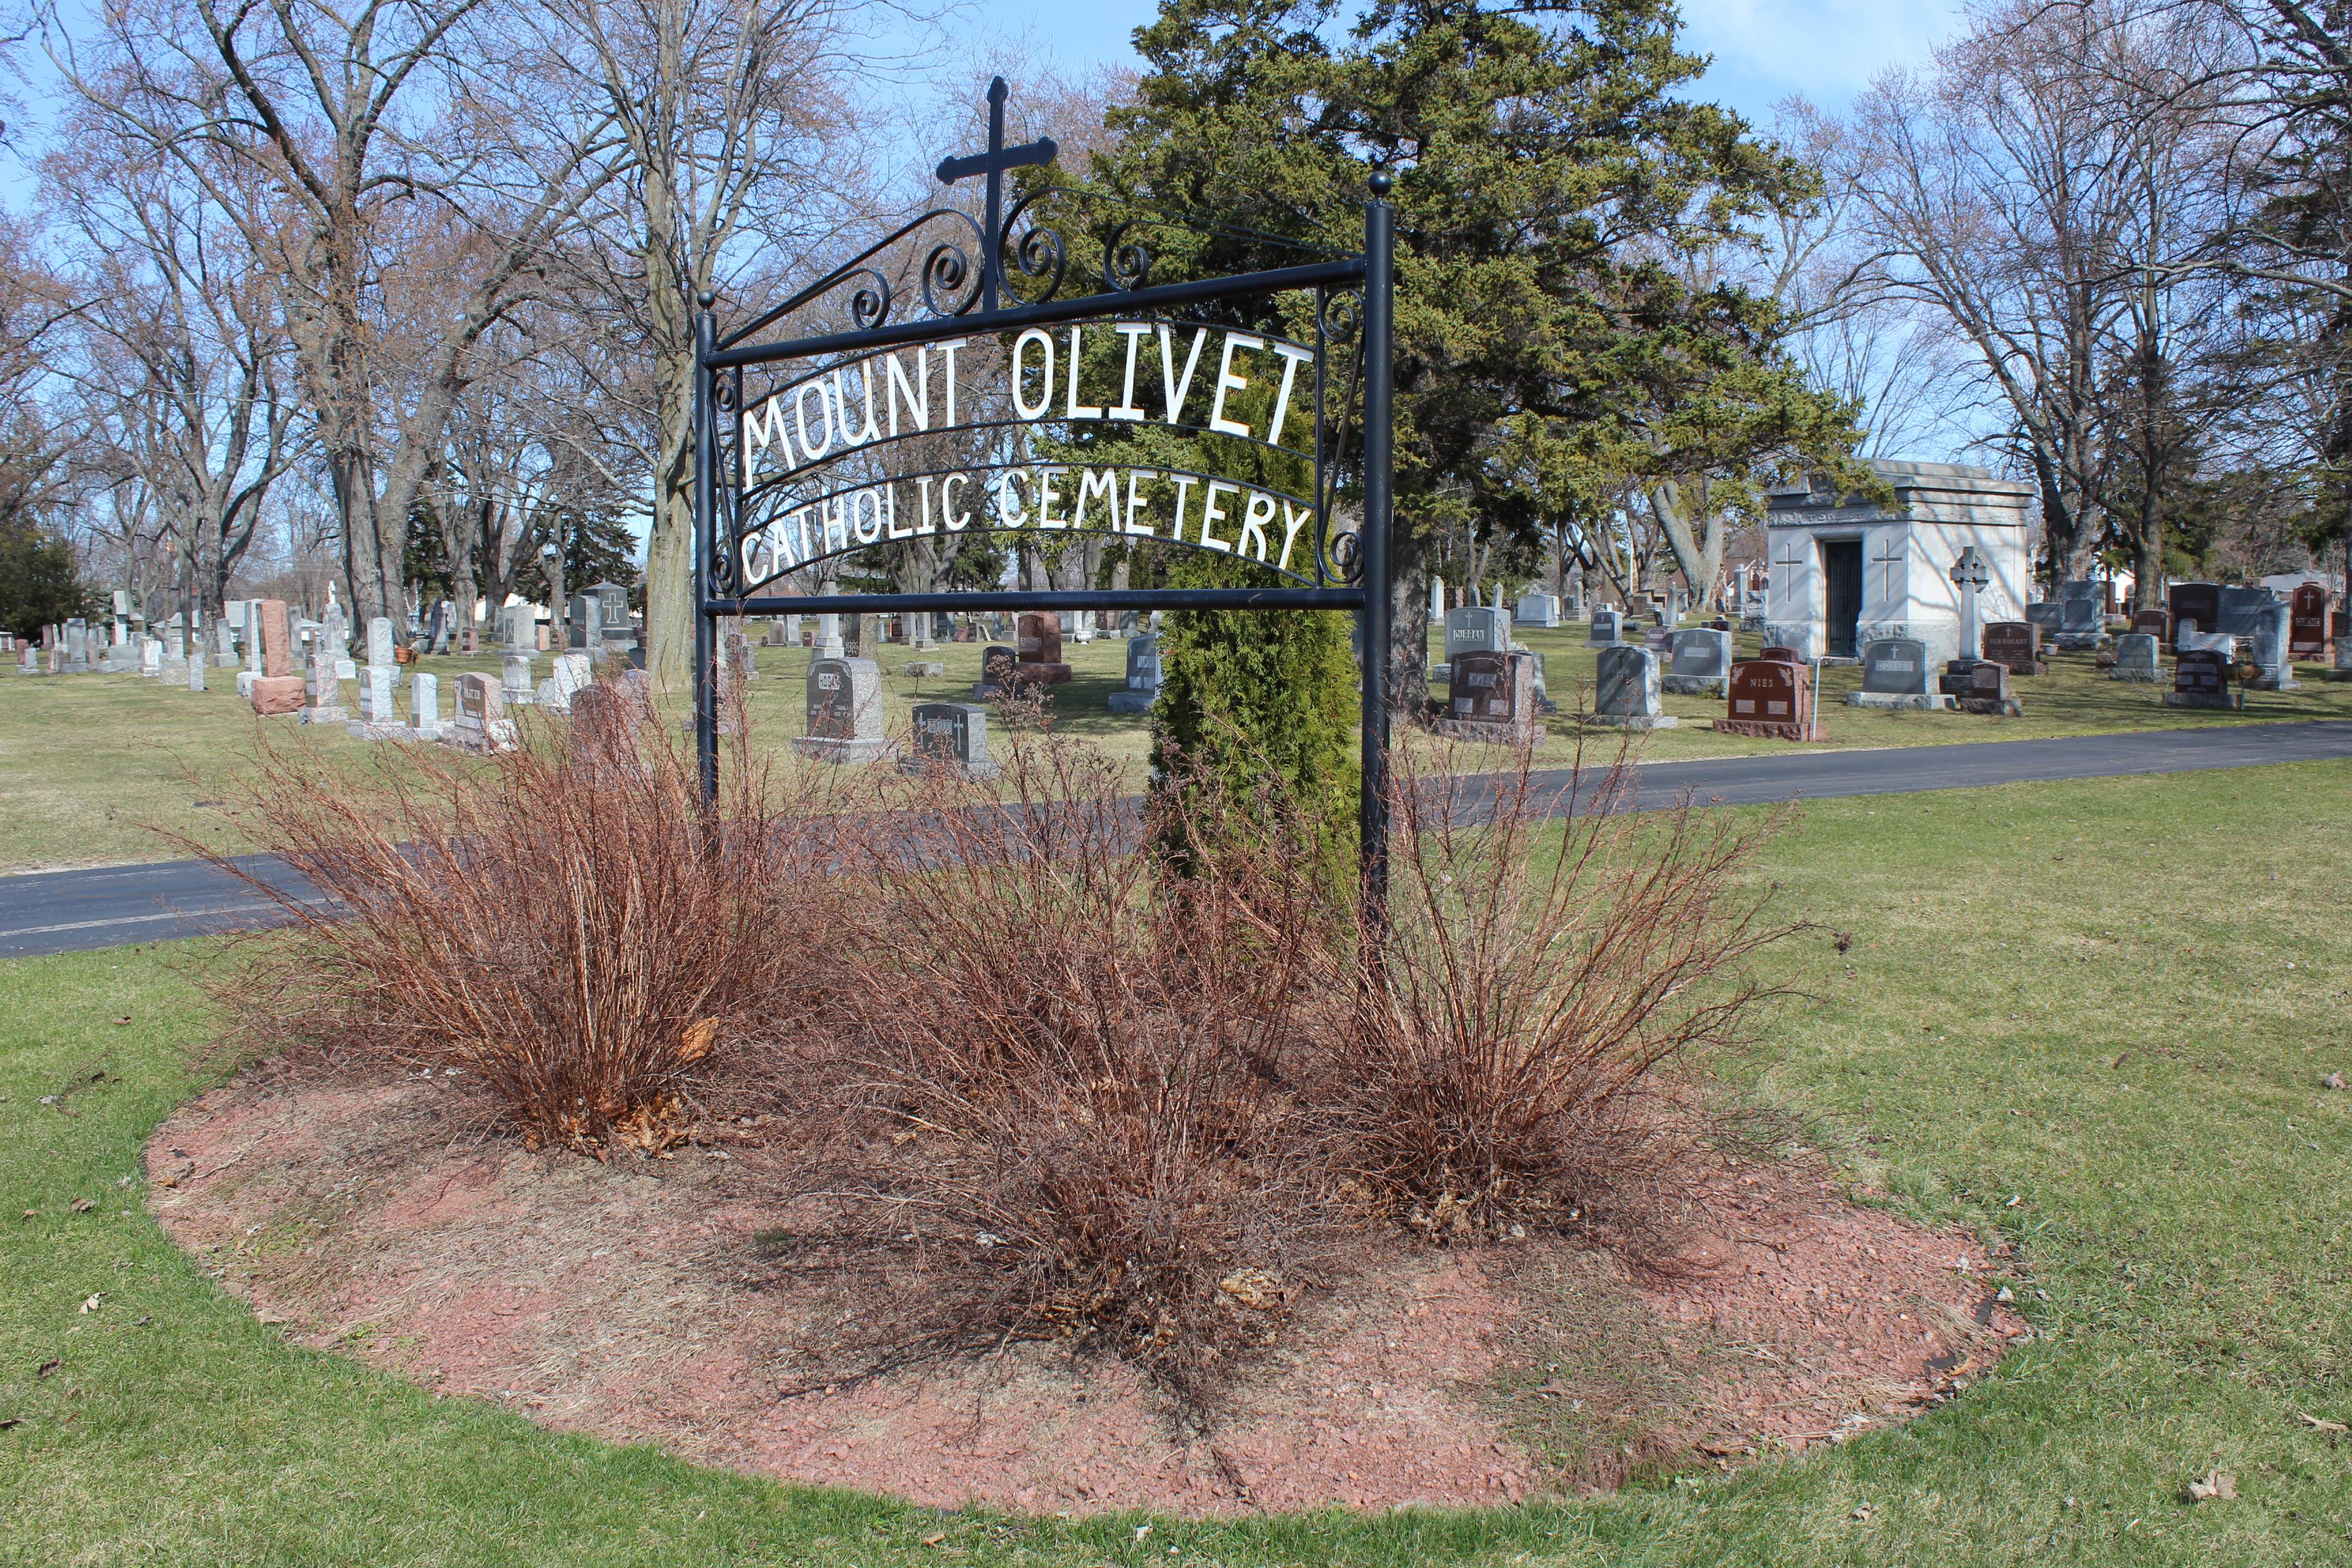 Mount Olivet Catholic Cemetery